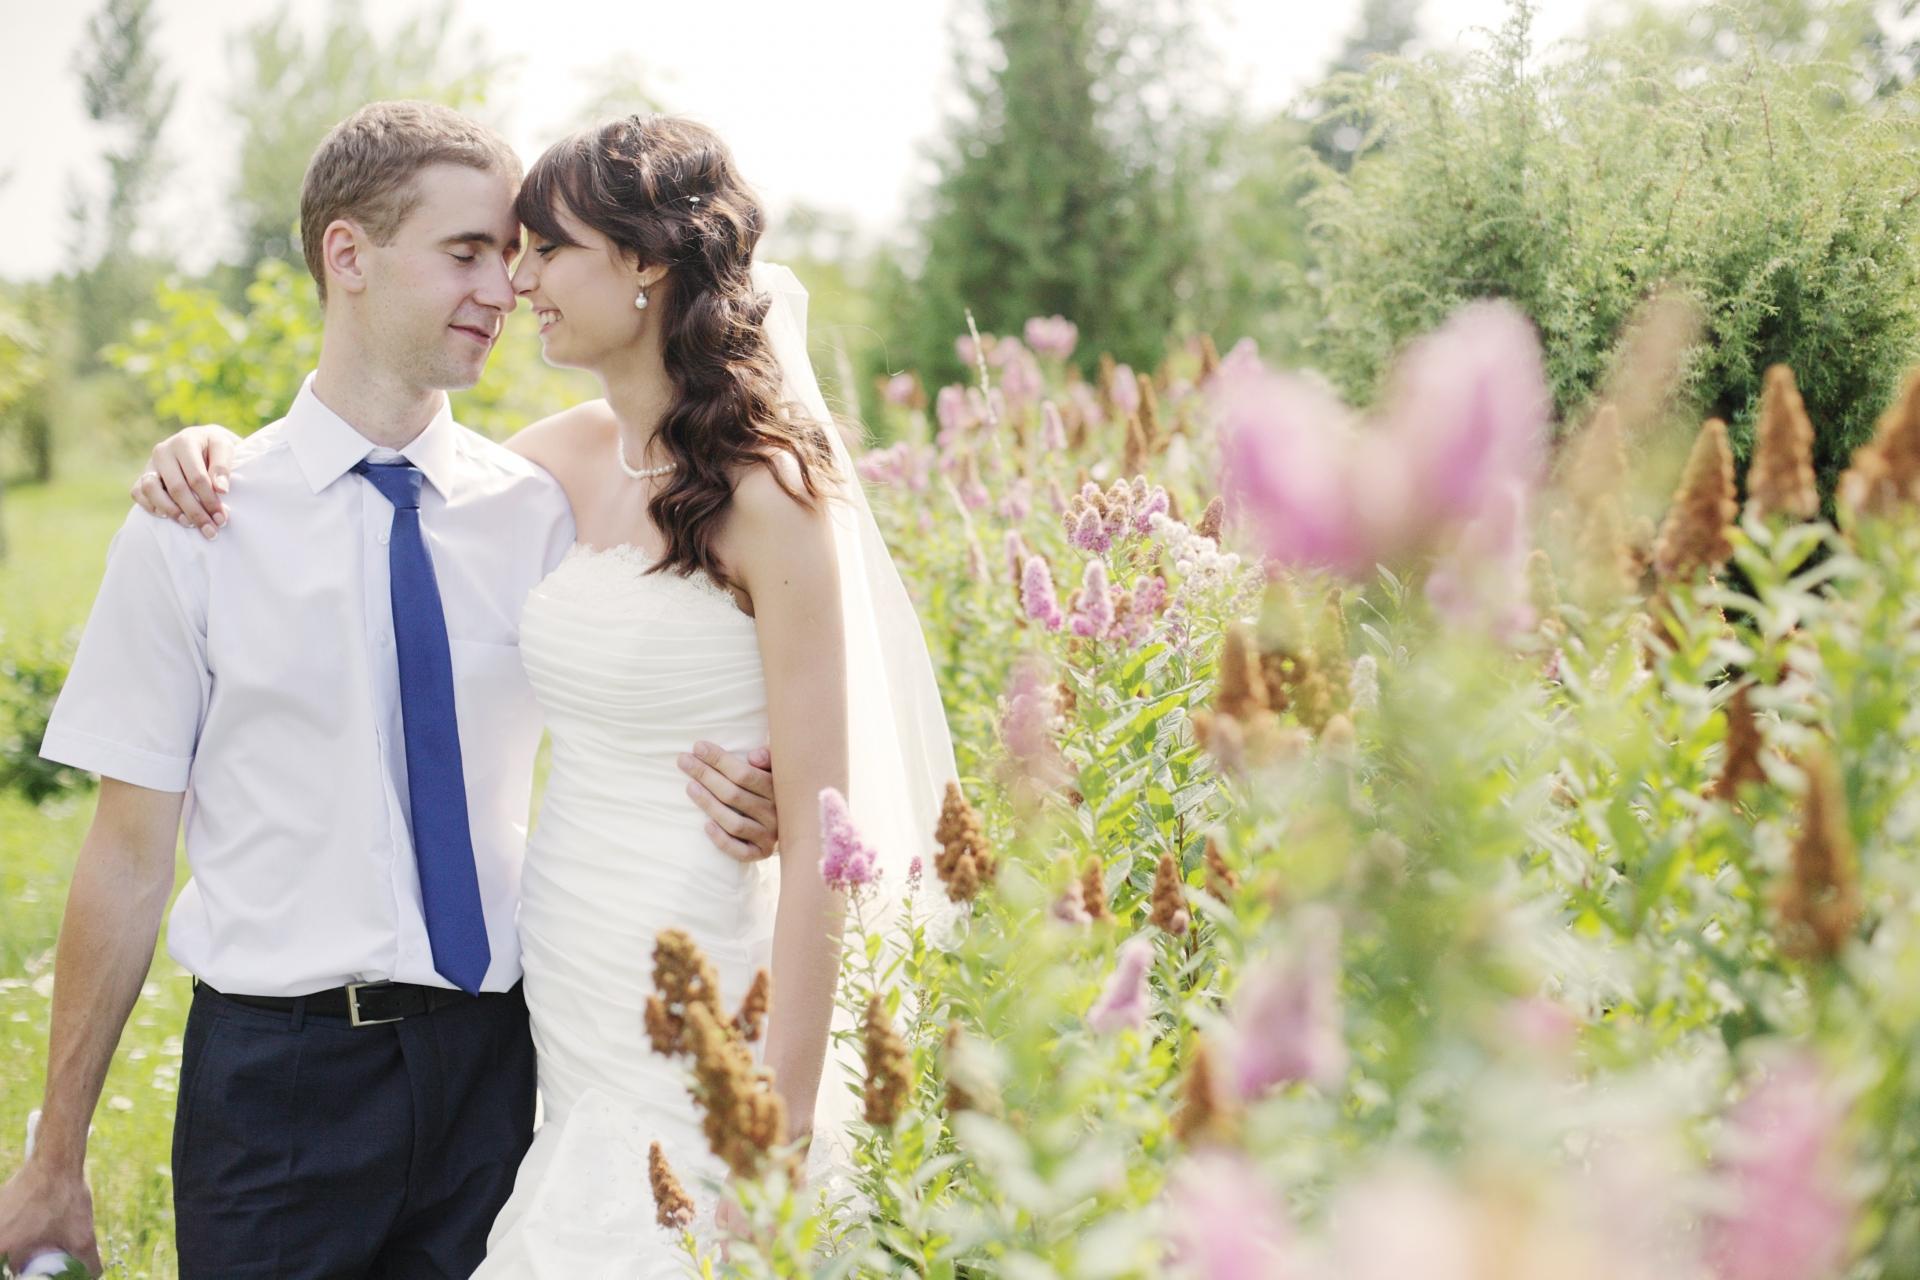 緑溢れる中で身を寄せ合う花嫁と花婿